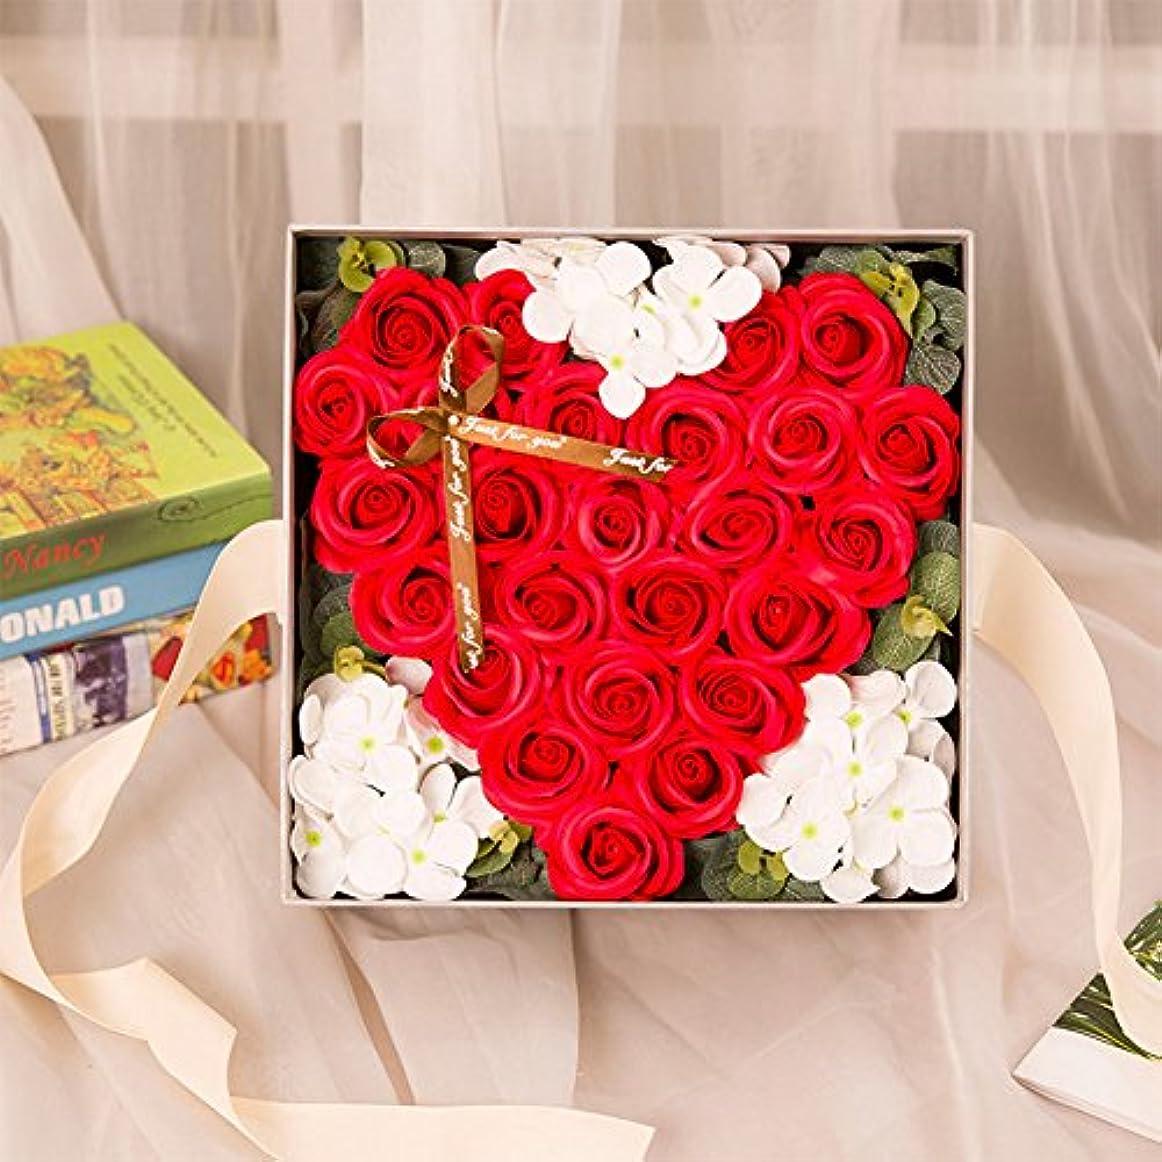 コーンぺディカブオズワルドRaiFu クリエイティブ シミュレーションローズ手作り石鹸 ギフトボックスホームデコレーション ユニークなギフト 赤い桃の心